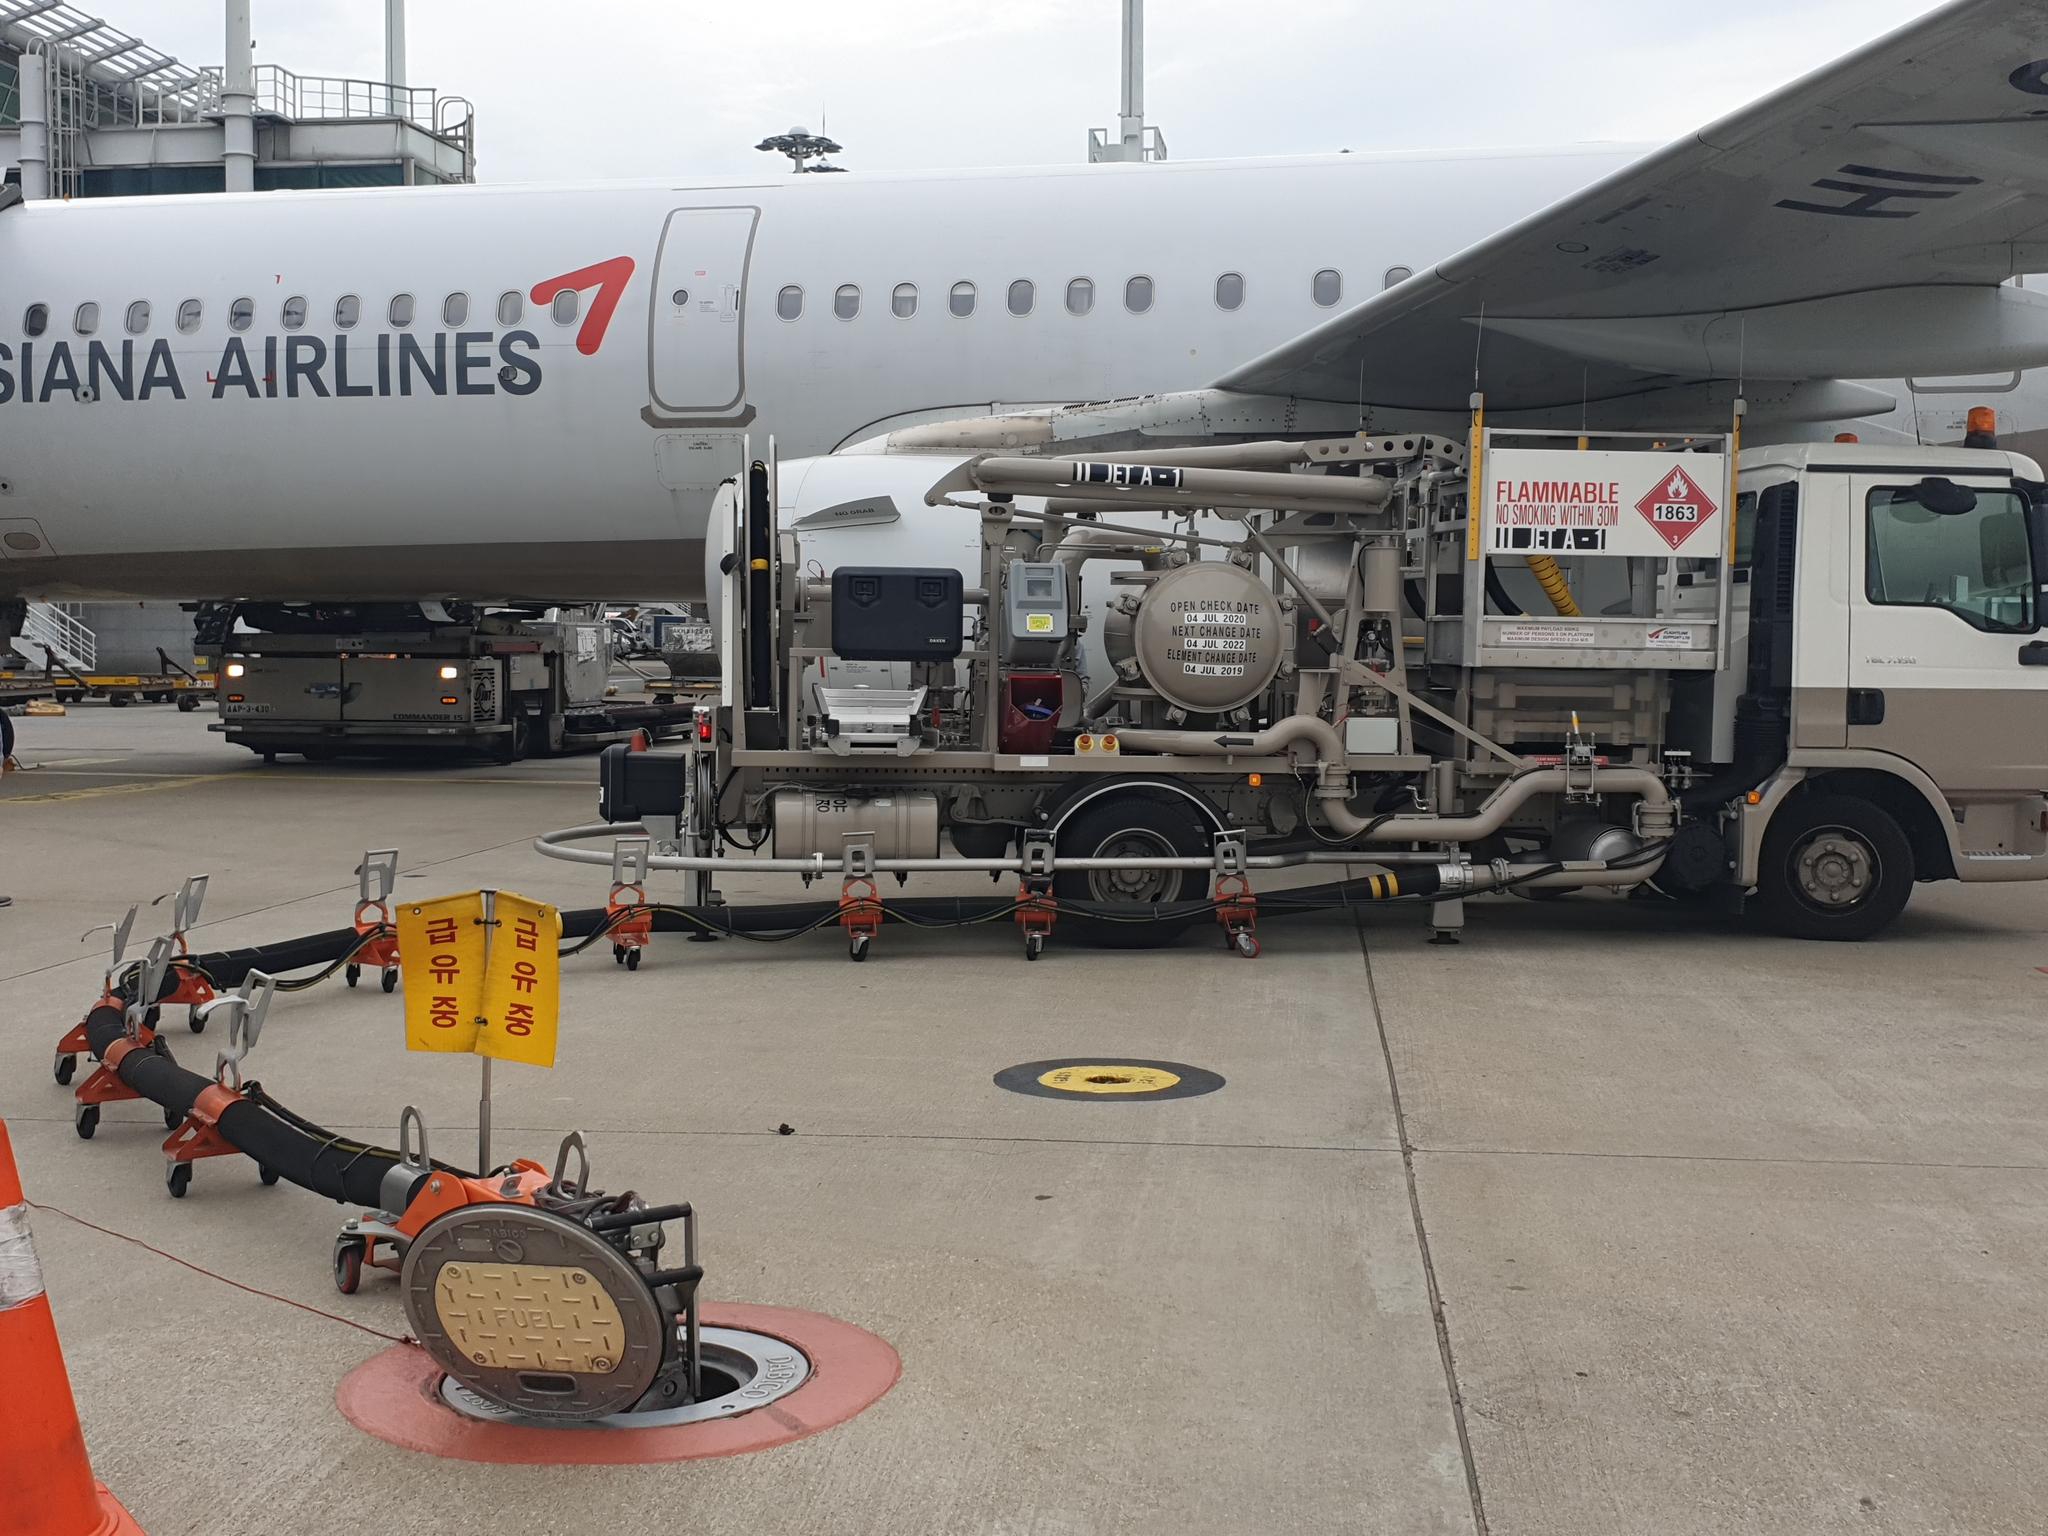 인천공항 주기장에서 급유차를 이용해 항공기에 기름을 넣고 있다. [강갑생 기자]